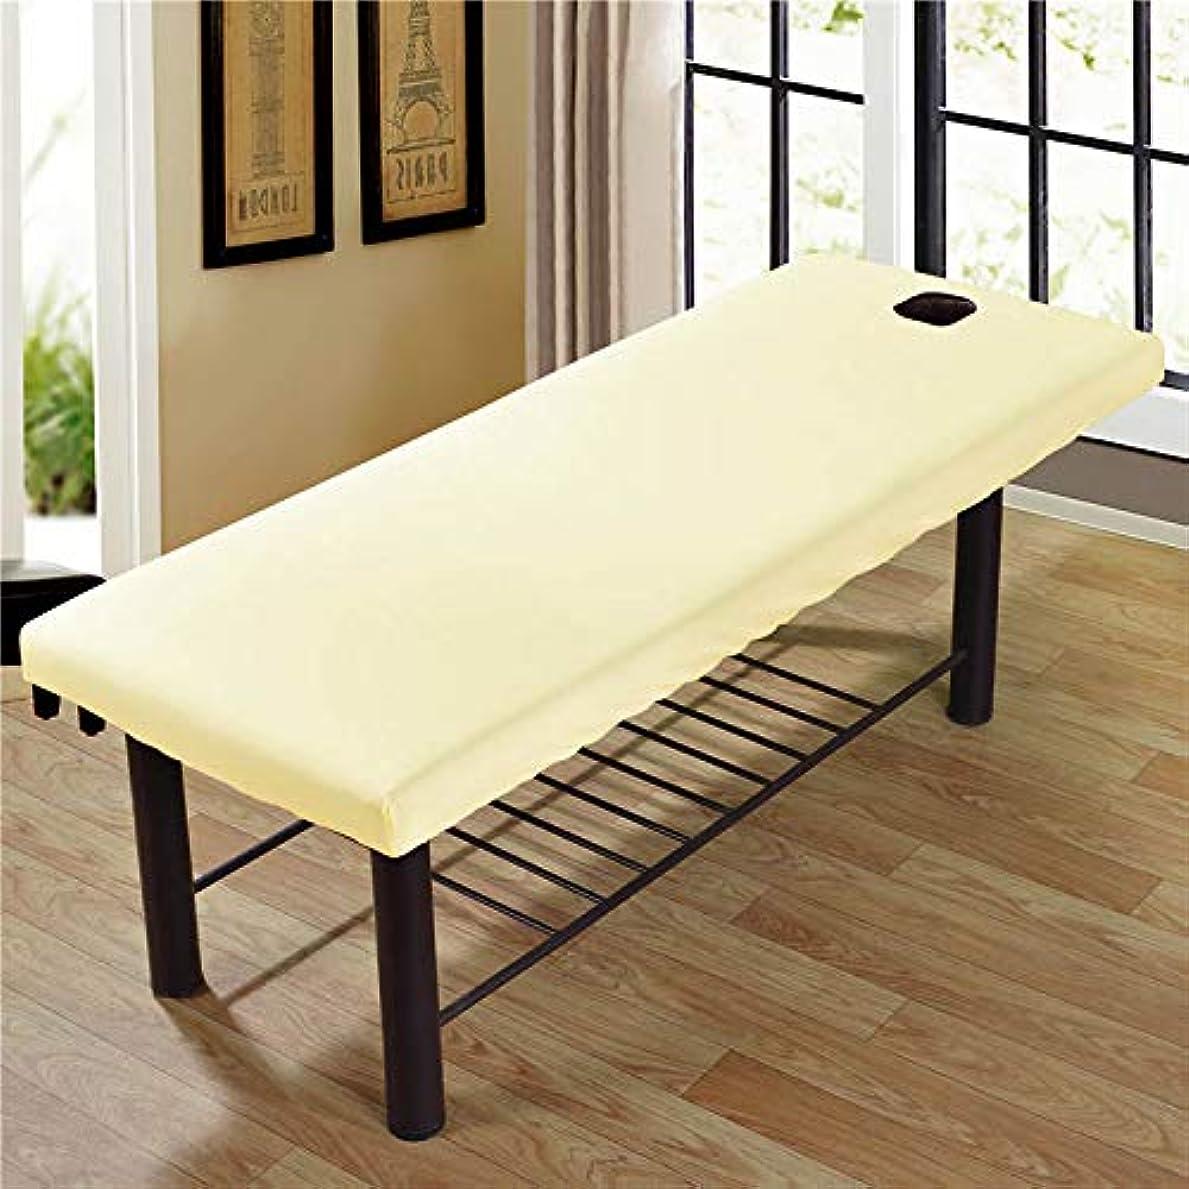 キャプテンブライ素晴らしい良い多くのおじいちゃんTenflyer 美容院のマッサージ療法のベッドのための柔らかいSoliod色の長方形のマットレス